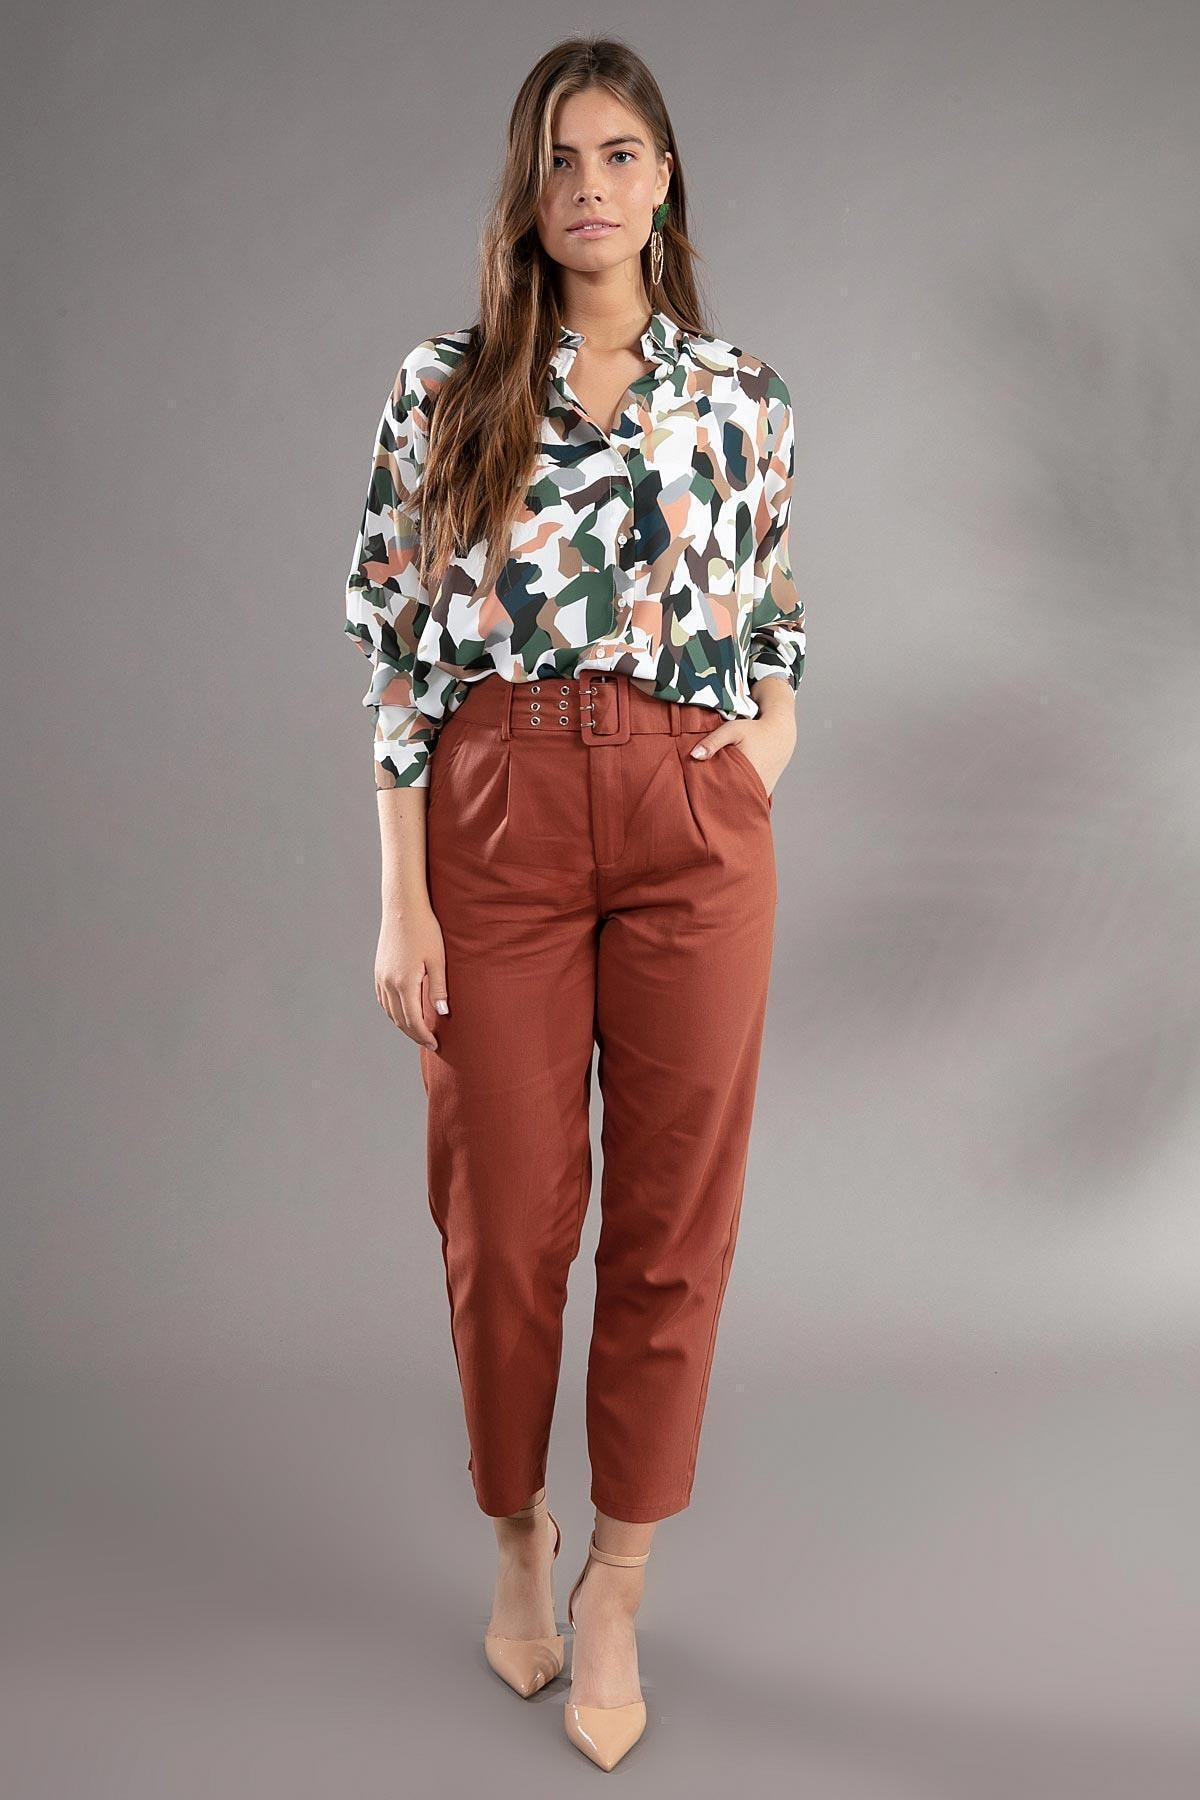 Y-London Kadın Kiremit ;Kemer Detaylı Pileli Yüksek Bel Pantolon 39522 2